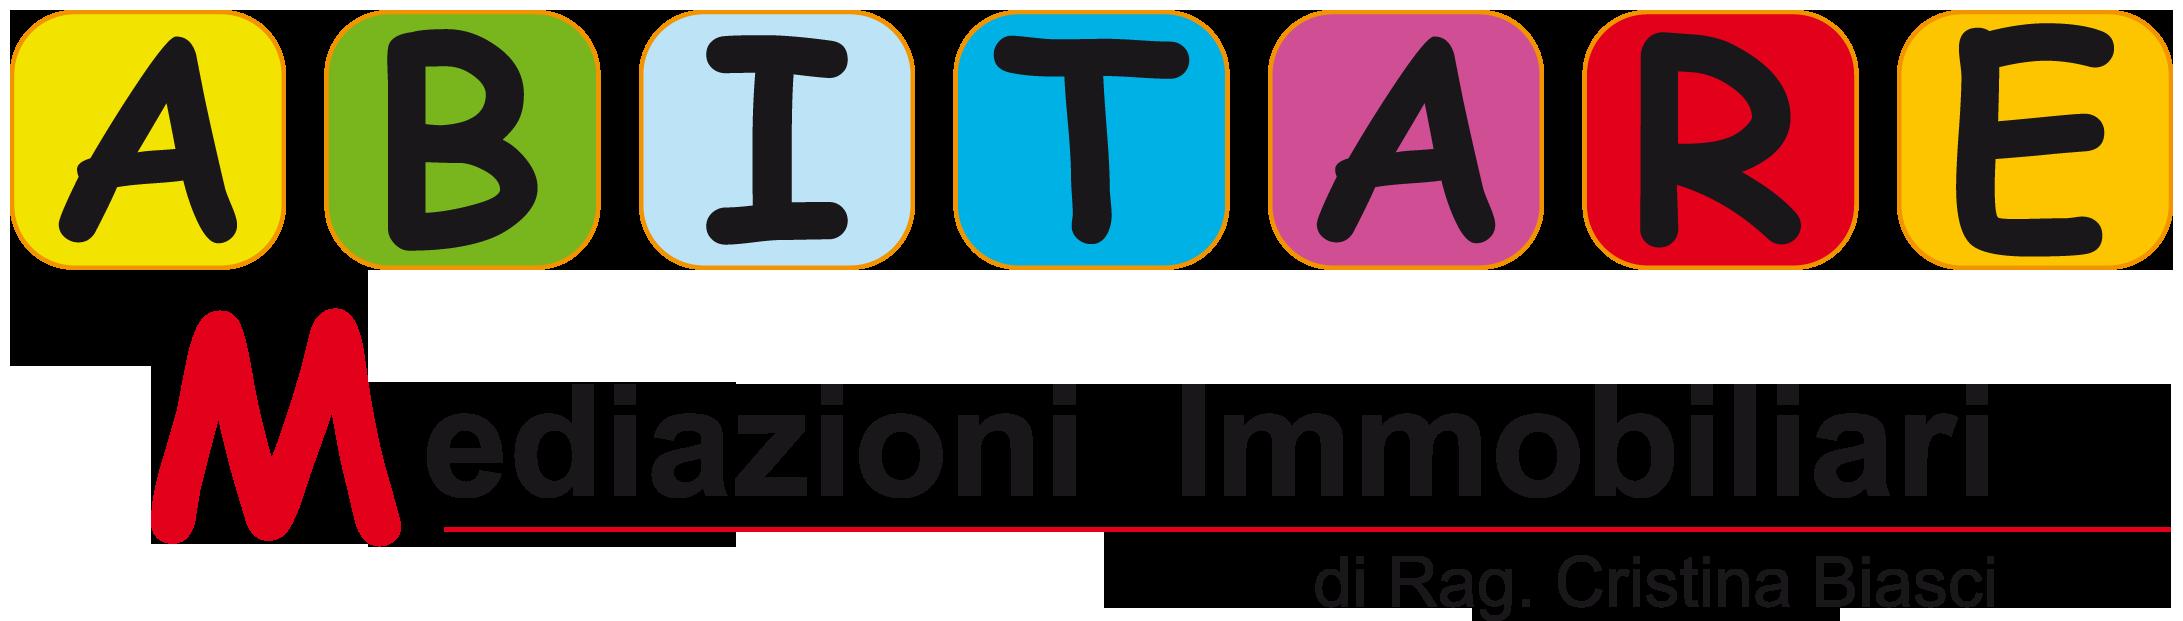 logo ABITARE Mediazioni Imm.